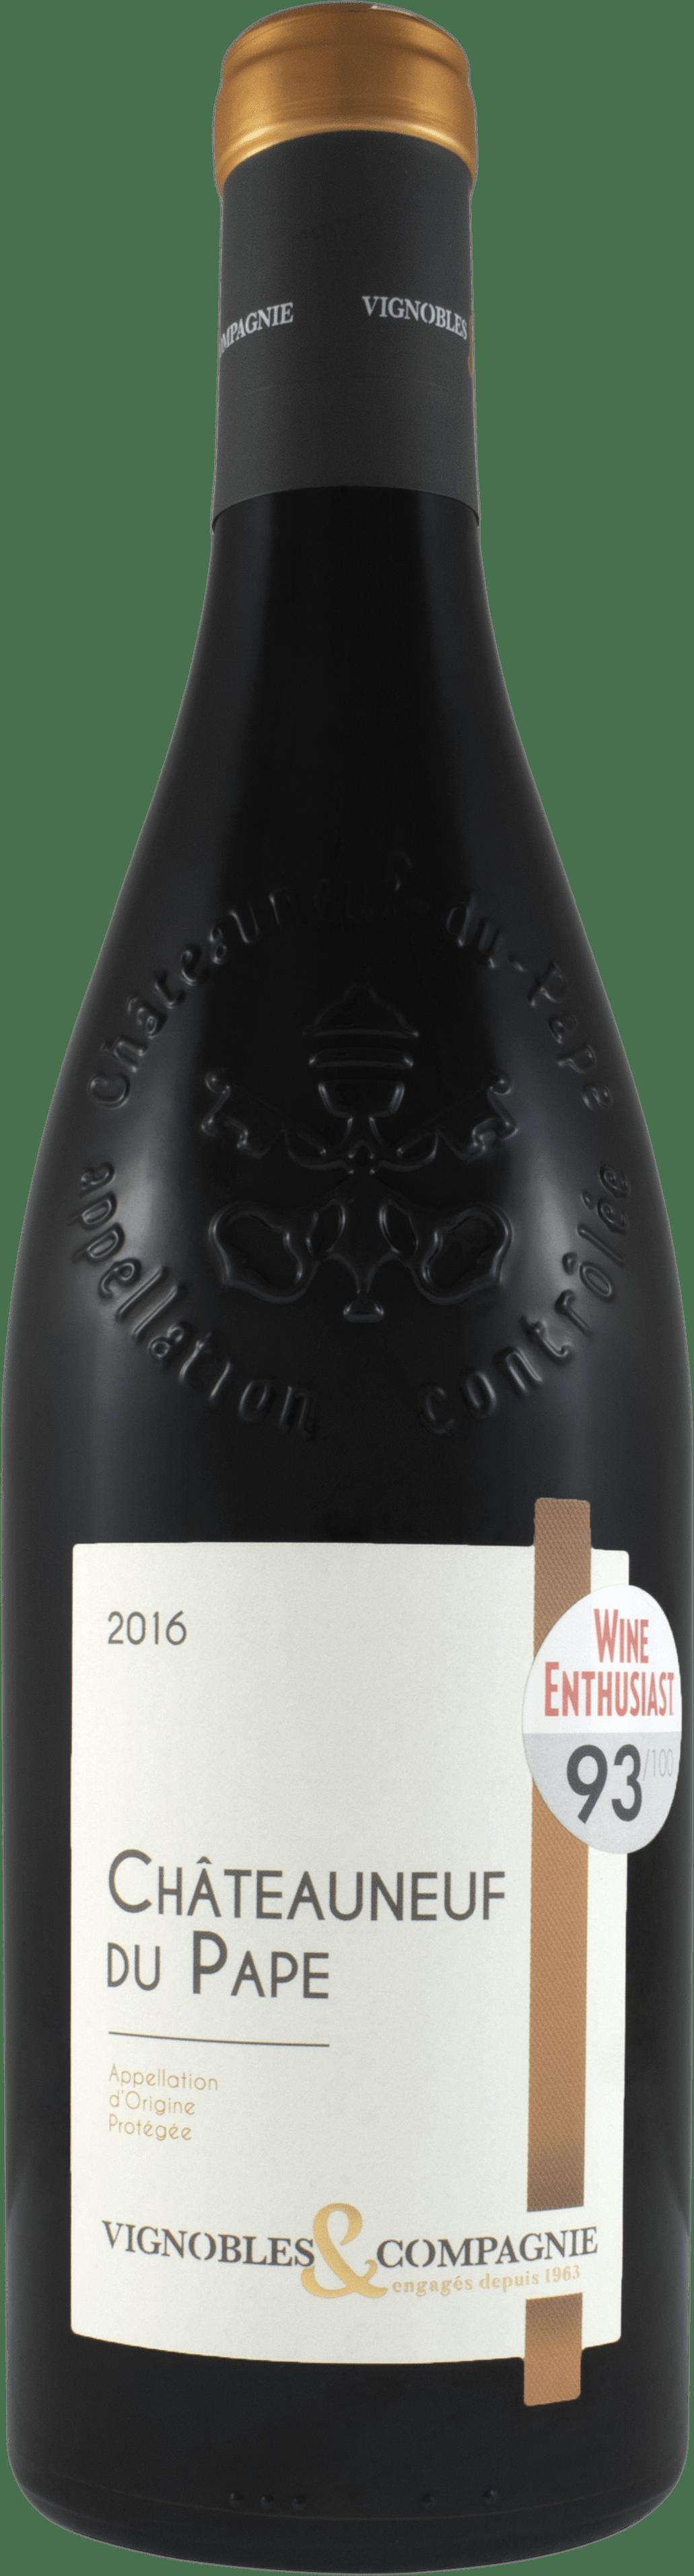 2016 Vignobles & Compagnie Chateauneuf Du Pape